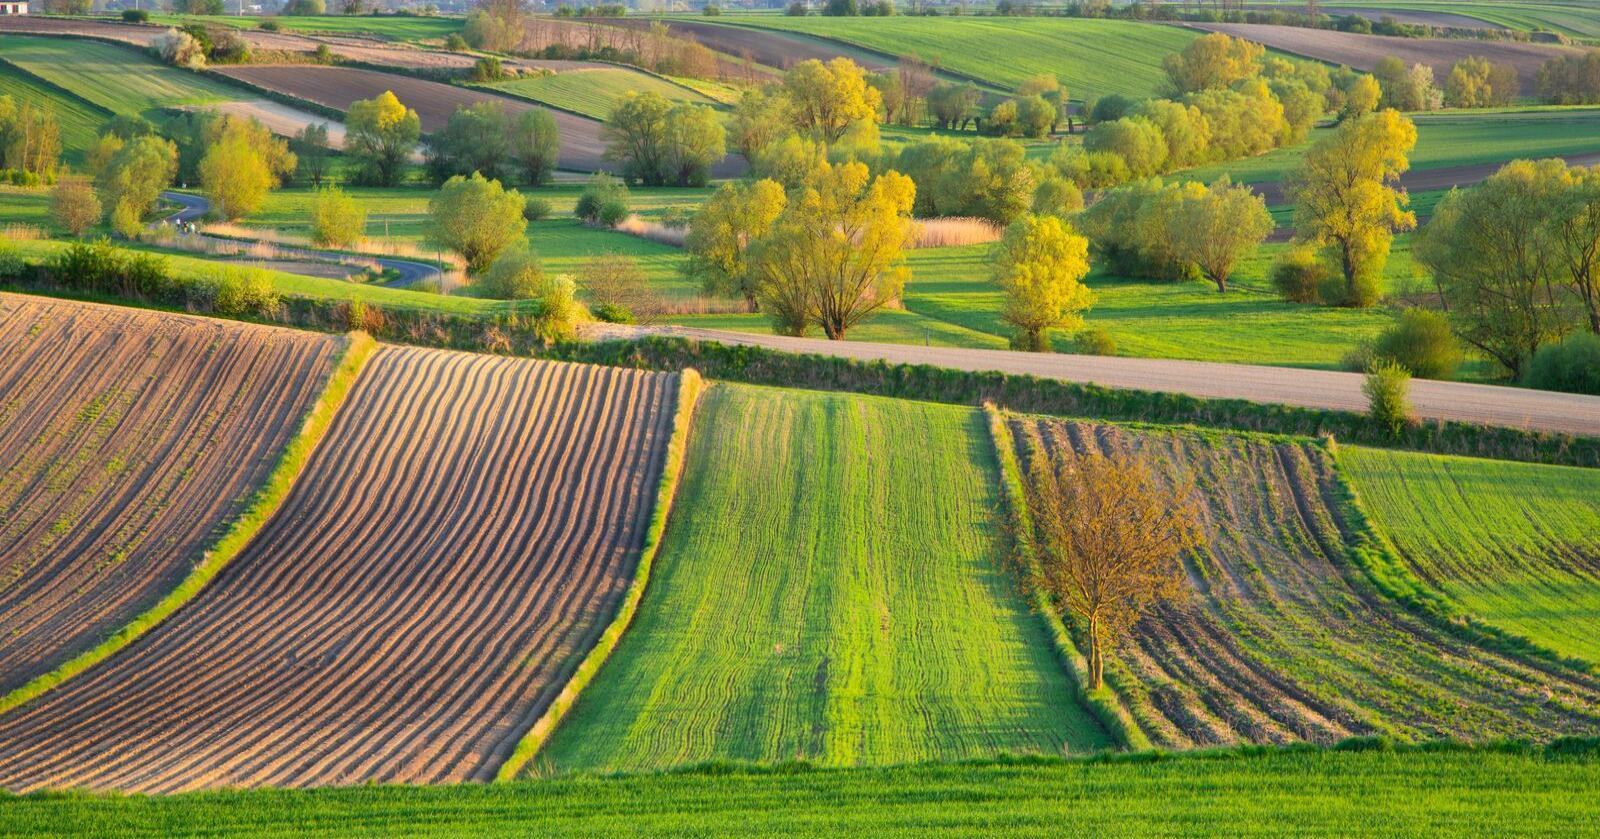 EU-landene går mot ny landbrukspolitikk, men møter kritikk fra flere hold. Her fra Polen. Foto: Sergey Dzyuba/Mostphotos